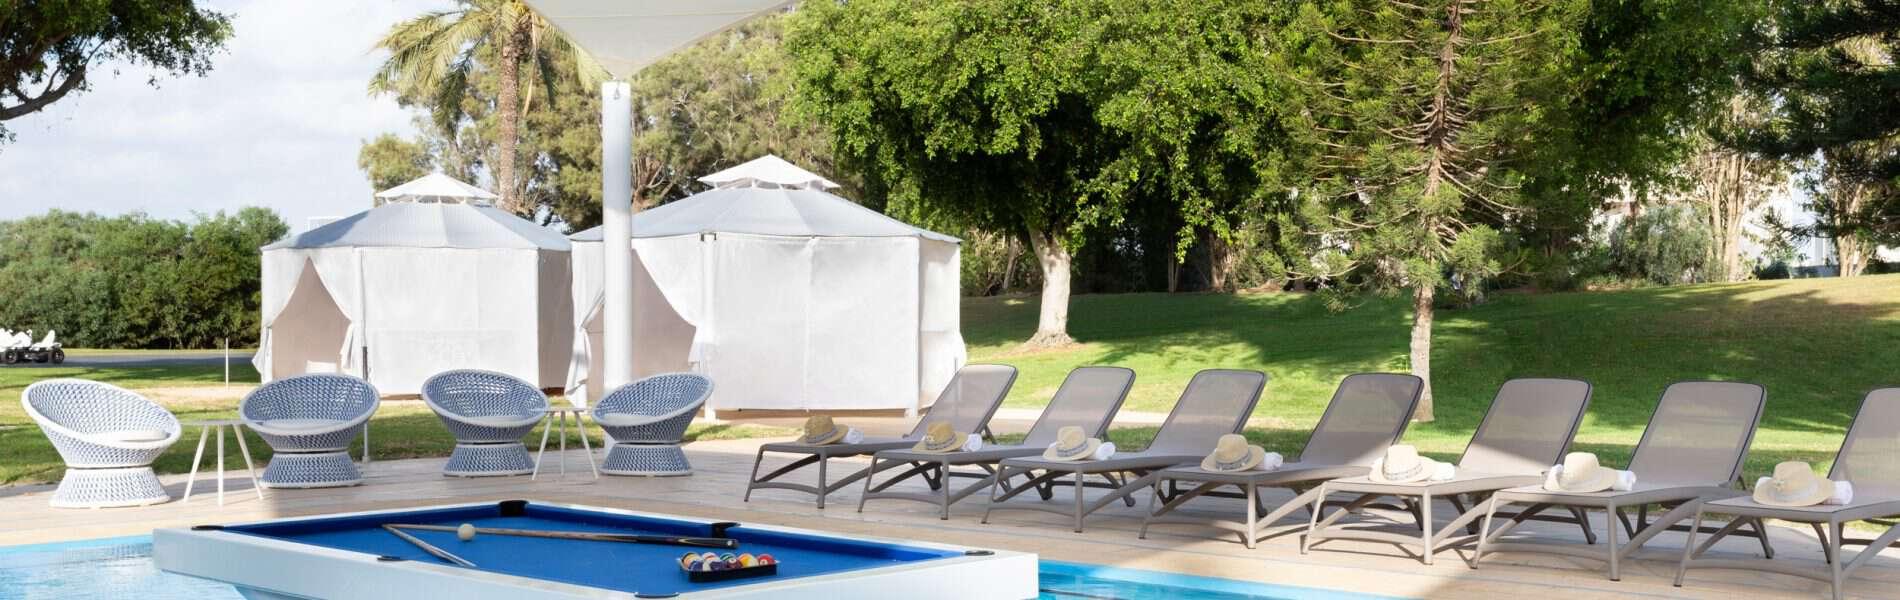 המעמד מחייב: מה מחכה לכם במלון דן קיסריה המחודש?